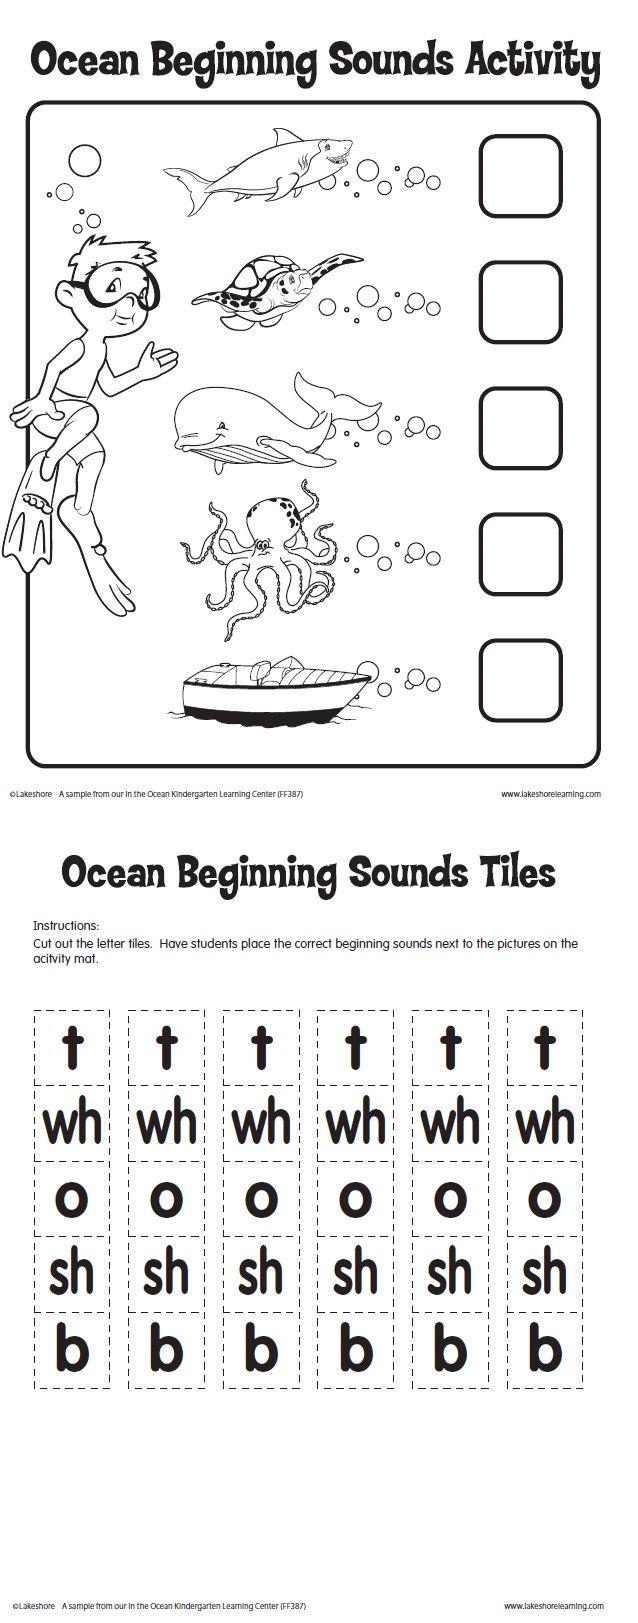 Ocean Beginning Sounds Activity Printable From Lakeshore Learning Kindergarten Ocean Activities Preschool Ocean Unit Kindergarten Preschool Alphabet Fun [ 1623 x 638 Pixel ]